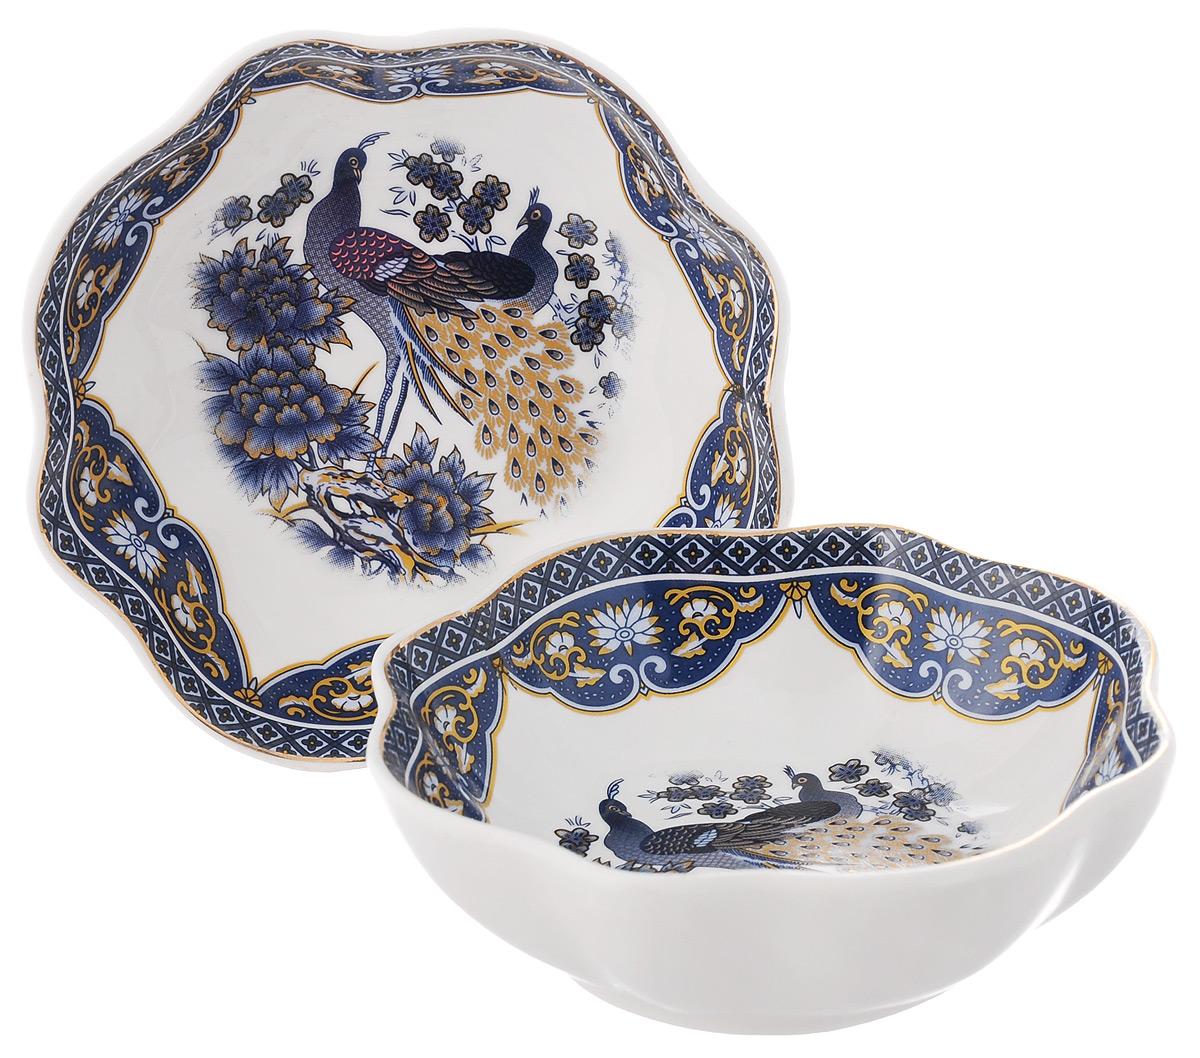 Розетка для варенья Elan Gallery Синий павлин, 100 мл, 2 шт730466Розетки для варенья Elan Gallery Синий павлин изготовлены из высококачественной керамики и украшены ярким изображением. Изделия отлично подойдут для подачи на стол меда или варенья. Такие розетки украсят ваш праздничный или обеденный стол, а яркое оформление понравится любой хозяйке. Диаметр (по верхнему краю): 10 см. Высота: 3,2 см. Объем: 100 мл.